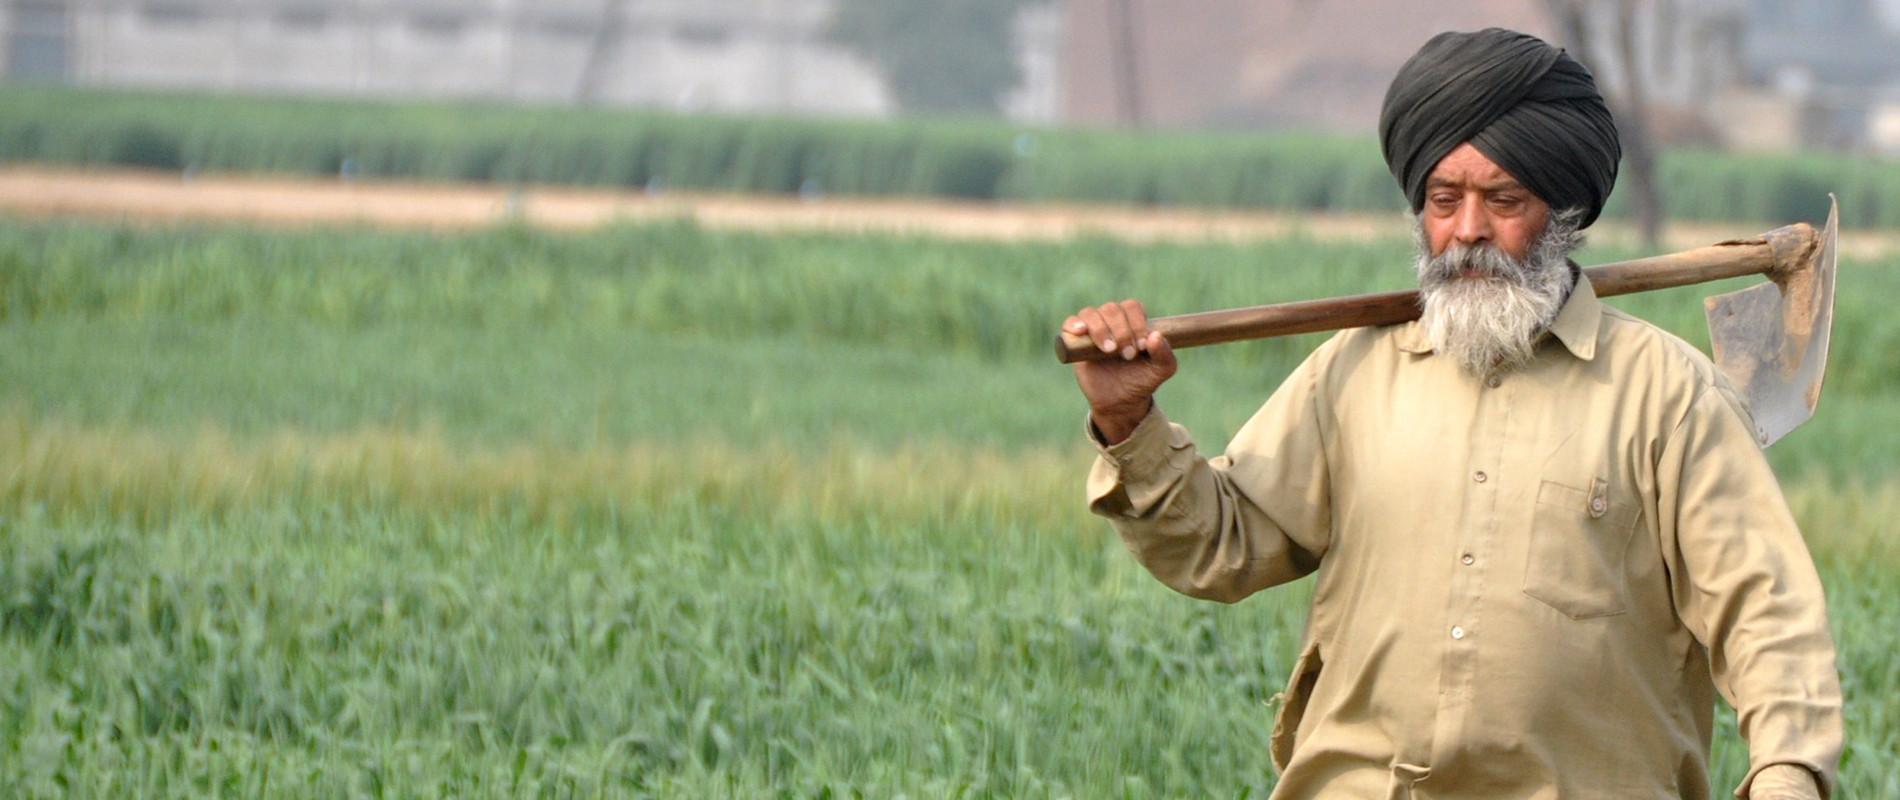 Les défis de l'agriculture indienne face au changement climatique